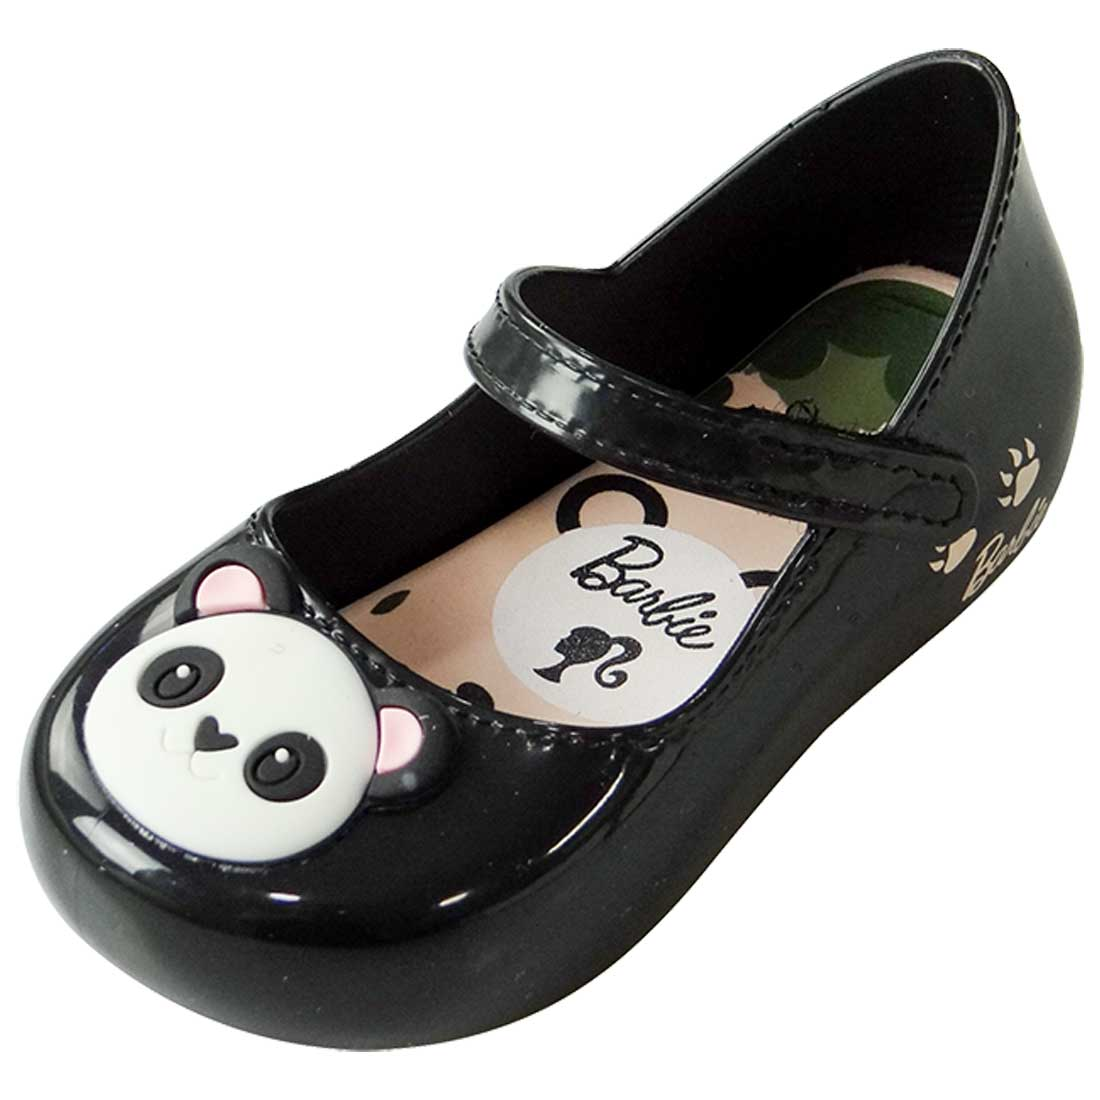 Sapatilha Boneca Barbie My Friends Panda - Preto